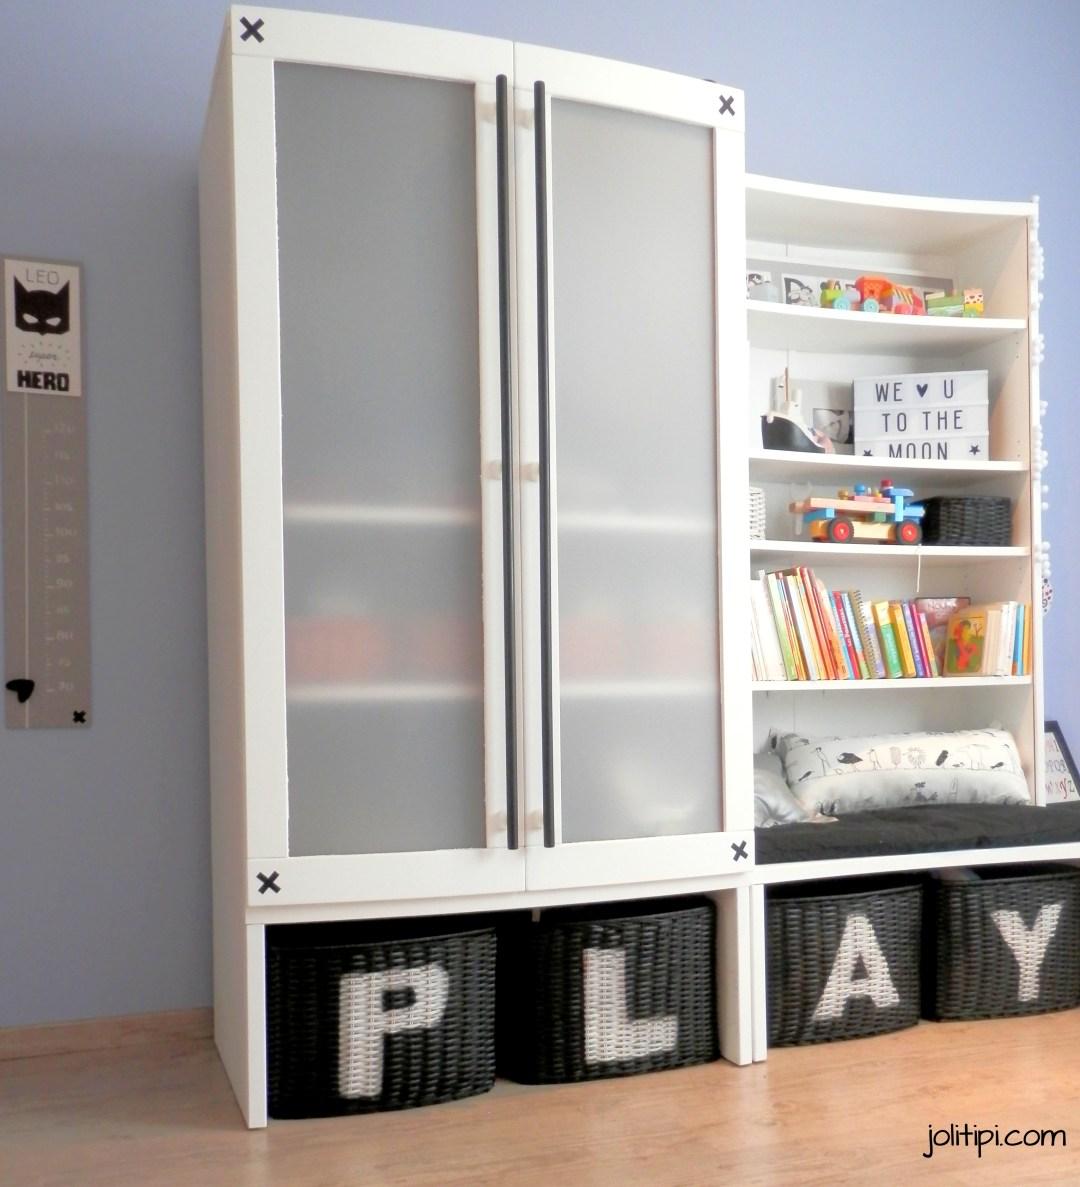 Meubles Stokke blancs, armoire et bibliothèque chambre enfant black and white, décoration de chambre garçon noir et blanc